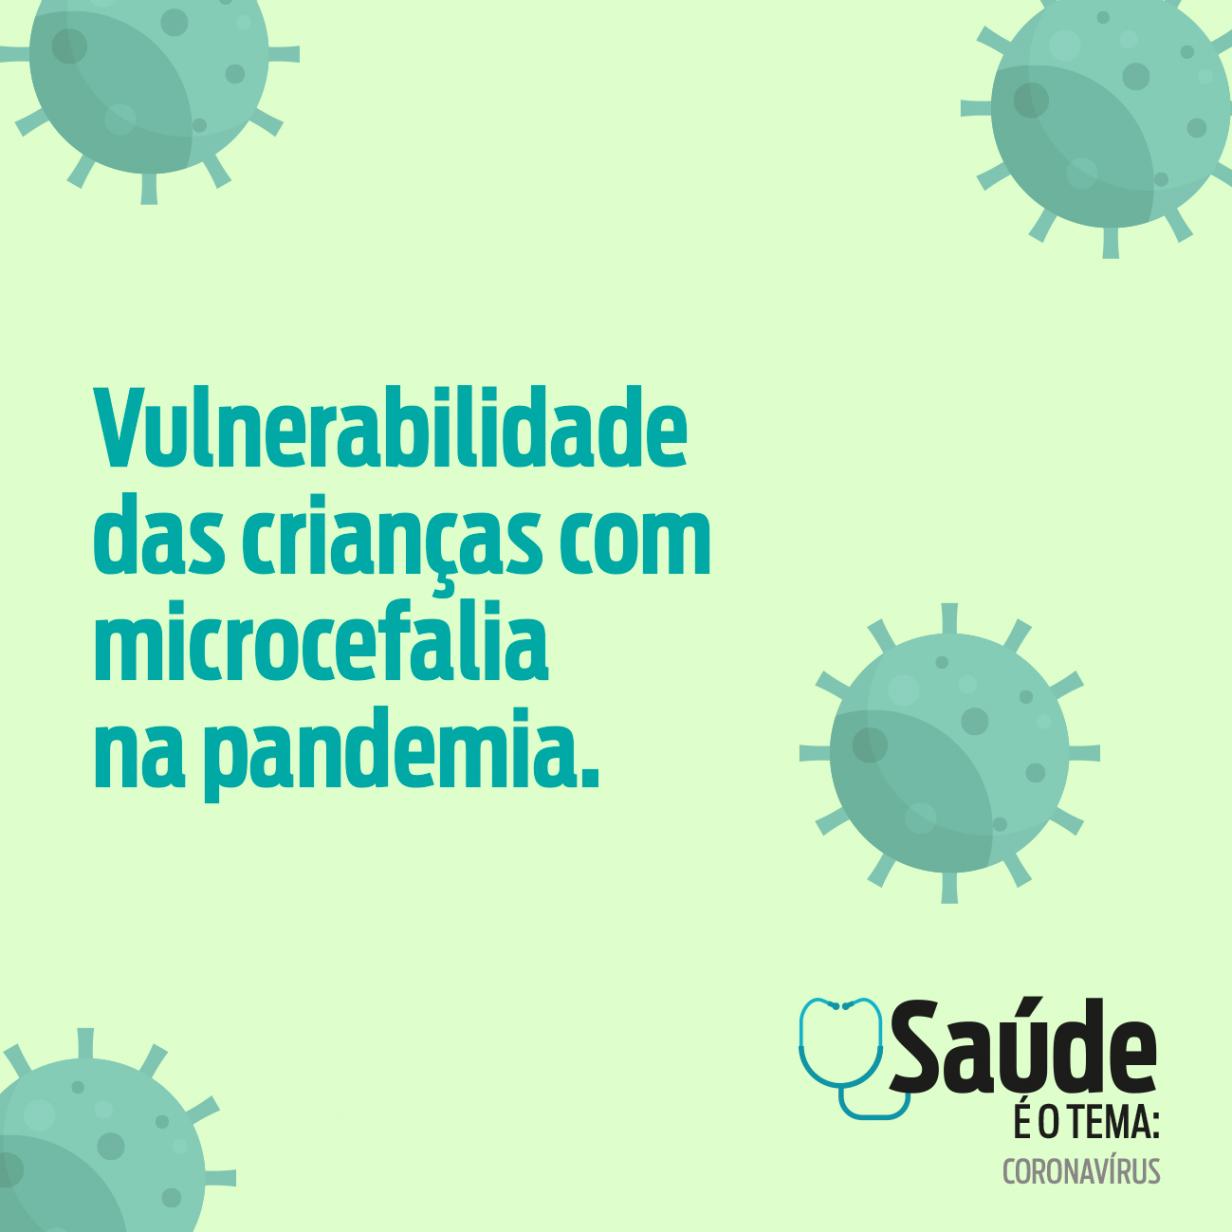 Vulnerabilidade das crianças com microcefalia na pandemia